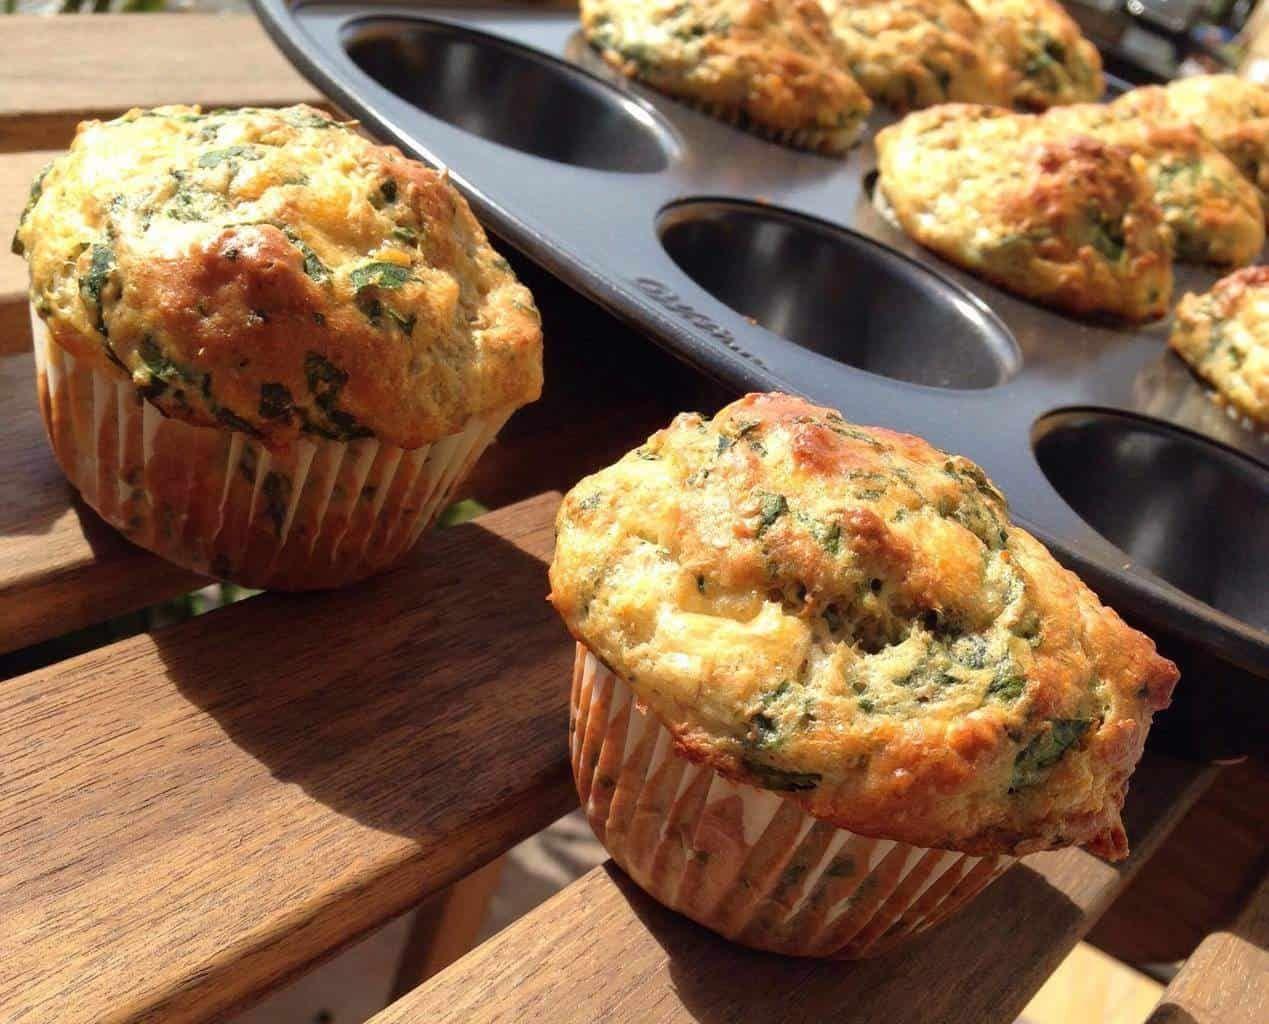 Muffins cheddar et épinards | Recette (avec images) | Muffins, Epinard, Cheddar